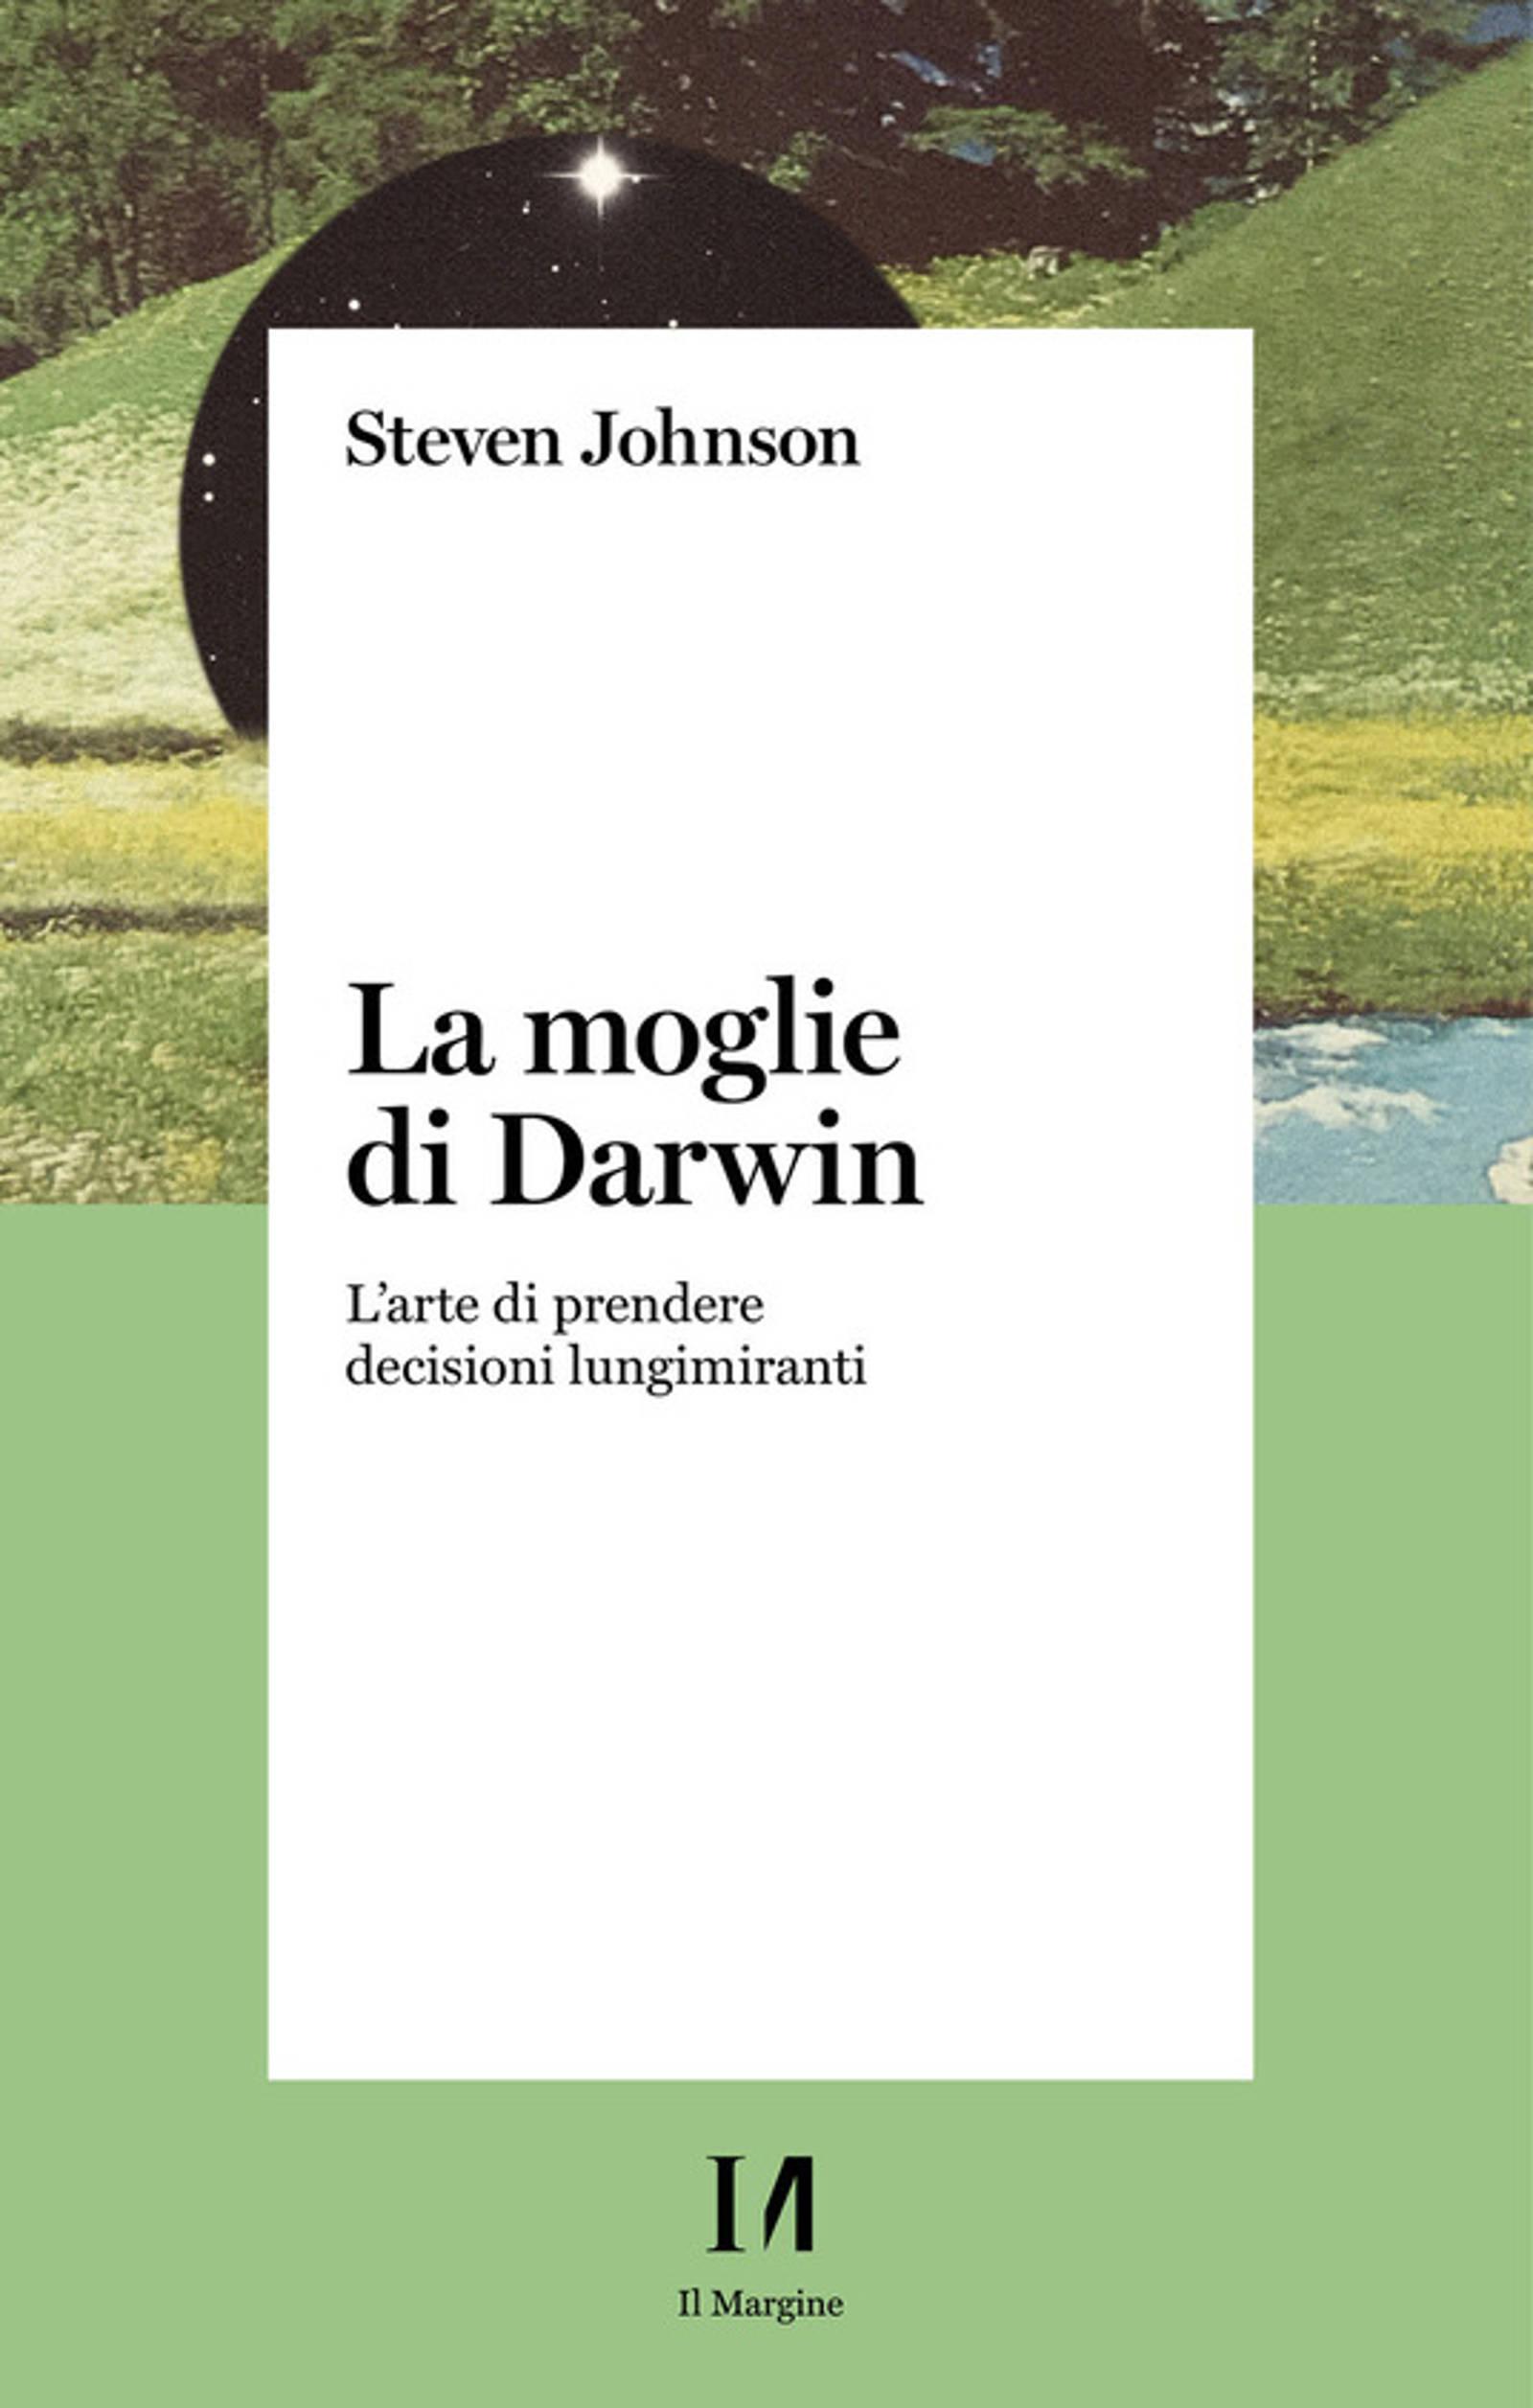 La moglie di Darwin. L'arte di prendere decisioni lungimiranti (2021) di Steven Johnson – Recensione del libro